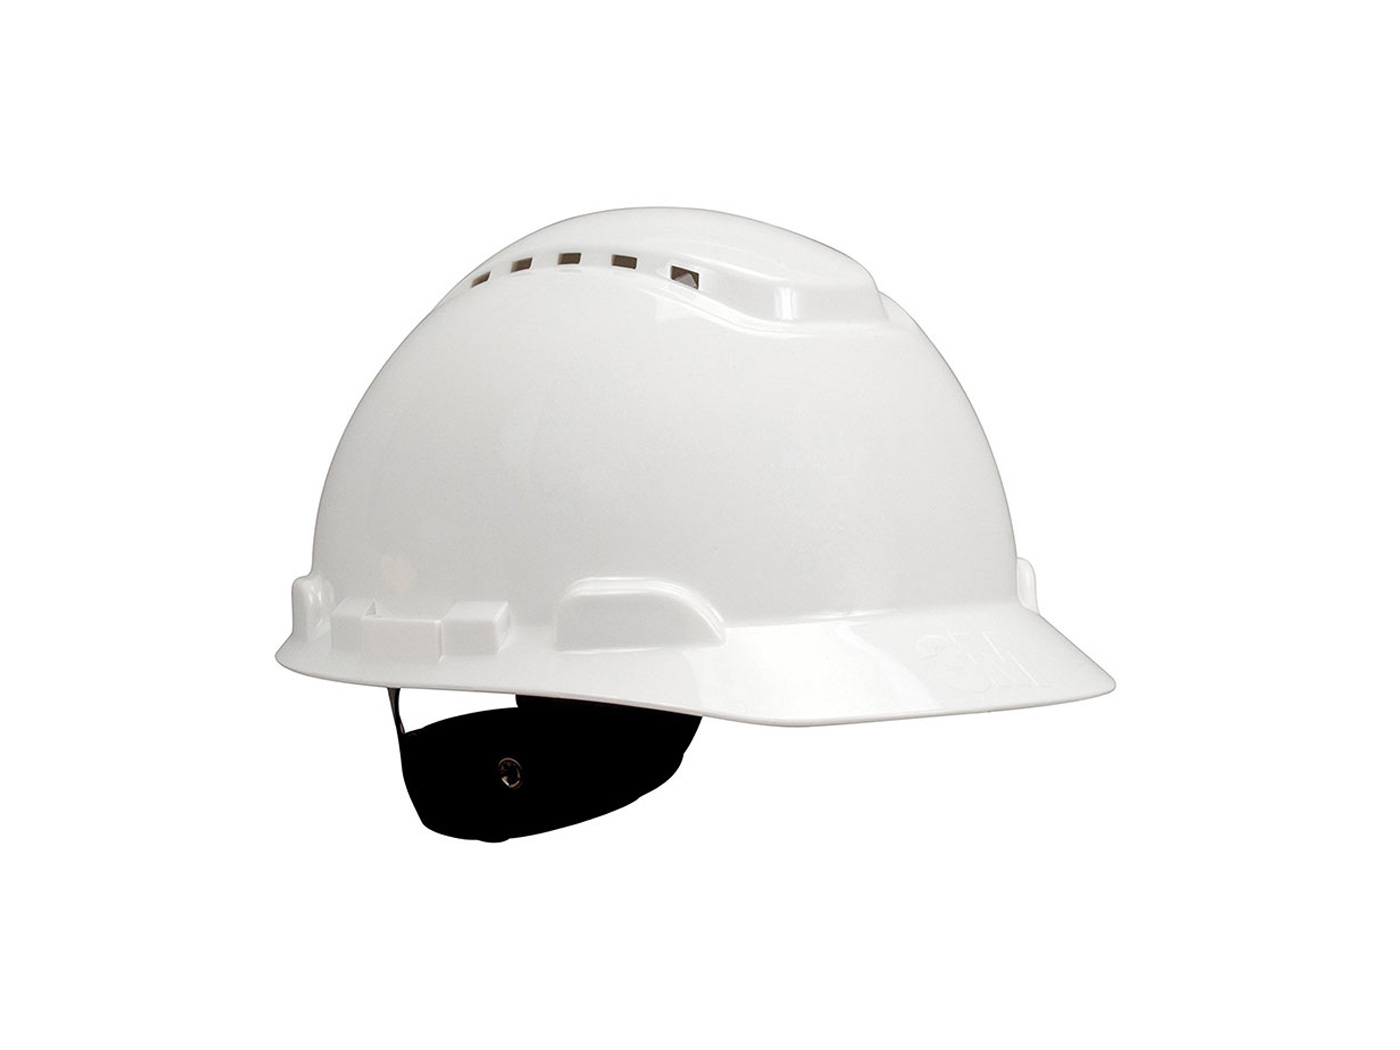 3M Helmet